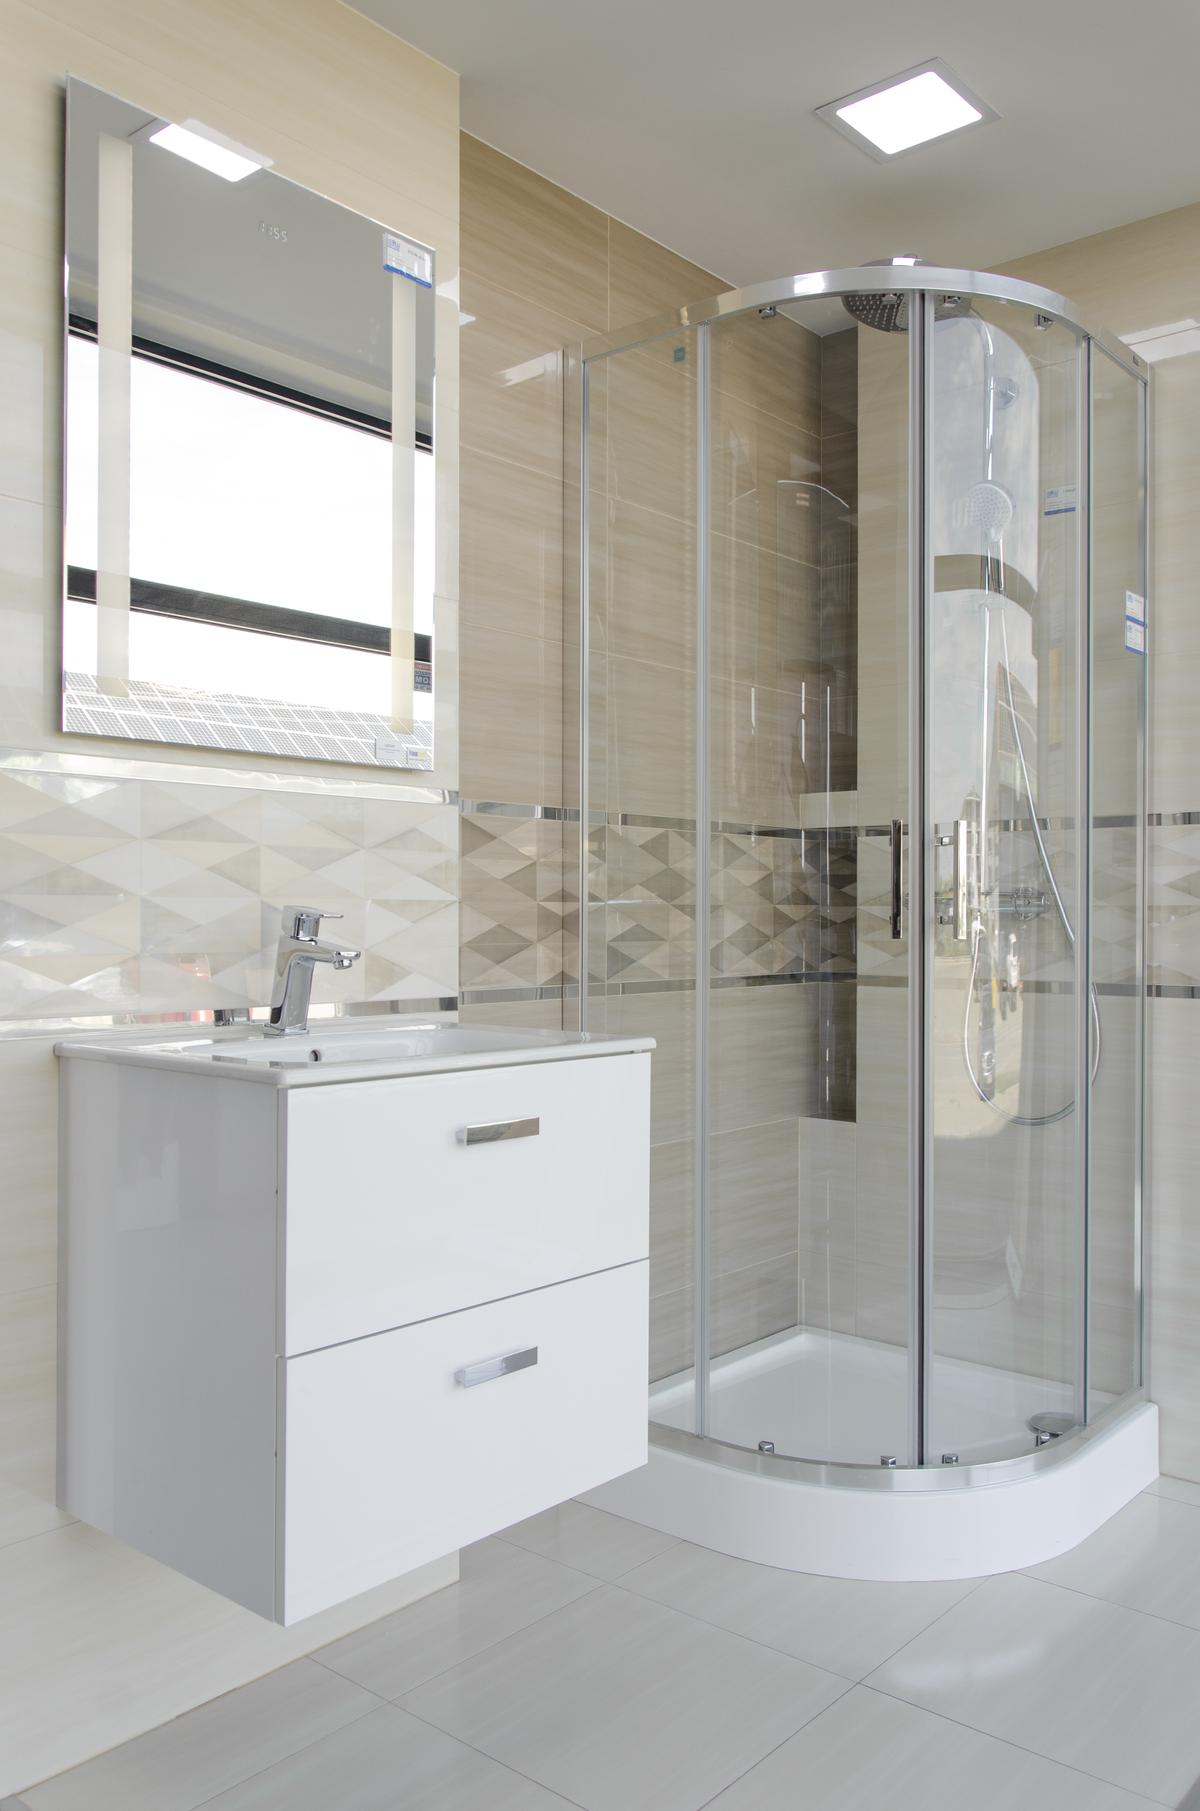 Kremowa aranżacja łazienki z płytką o geometrycznym wzorze - zdjęcie od BLU salon łazienek Pułtusk